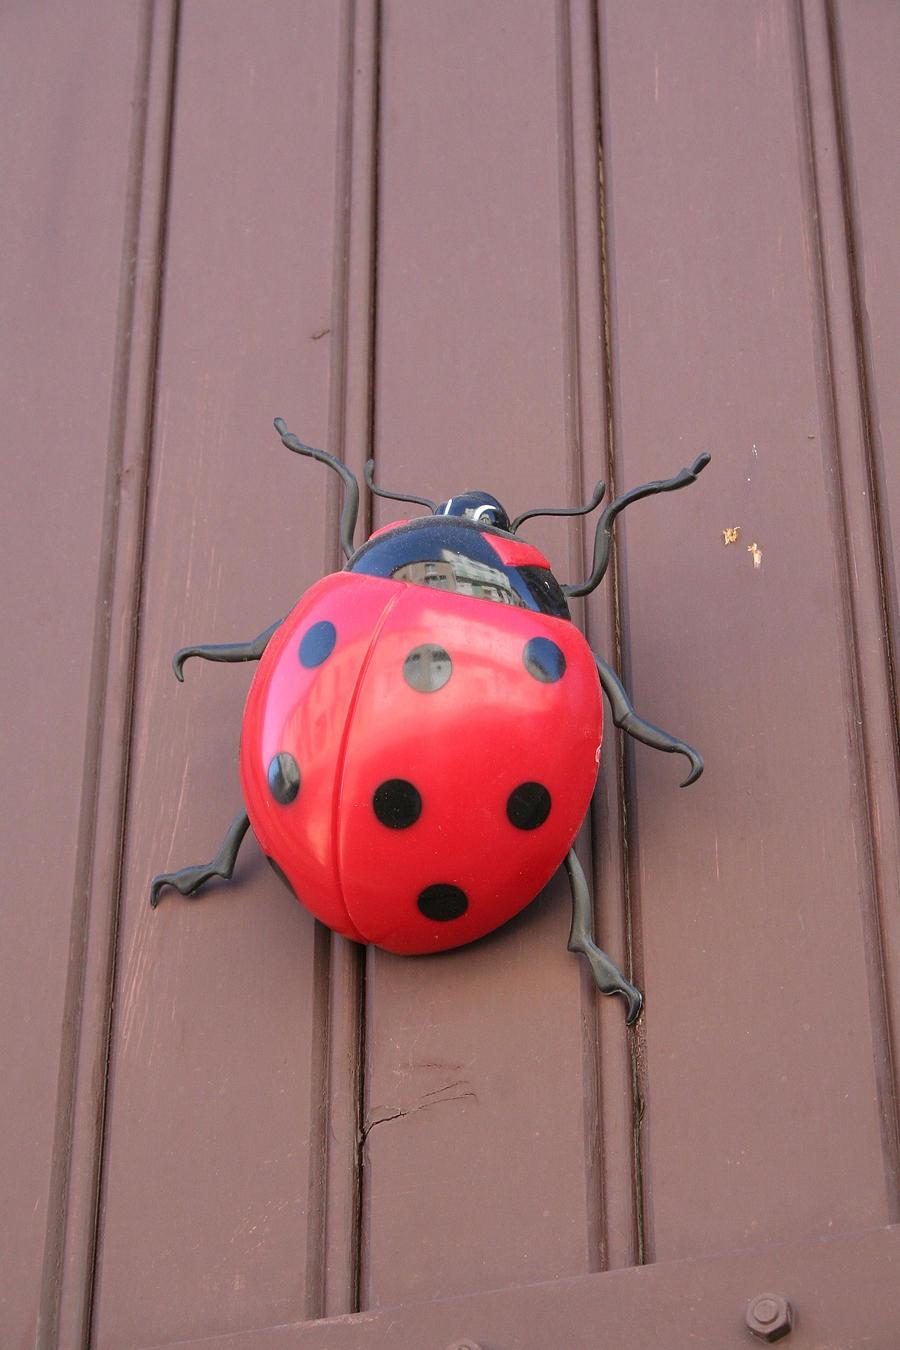 lady bug figure by ingeline-art